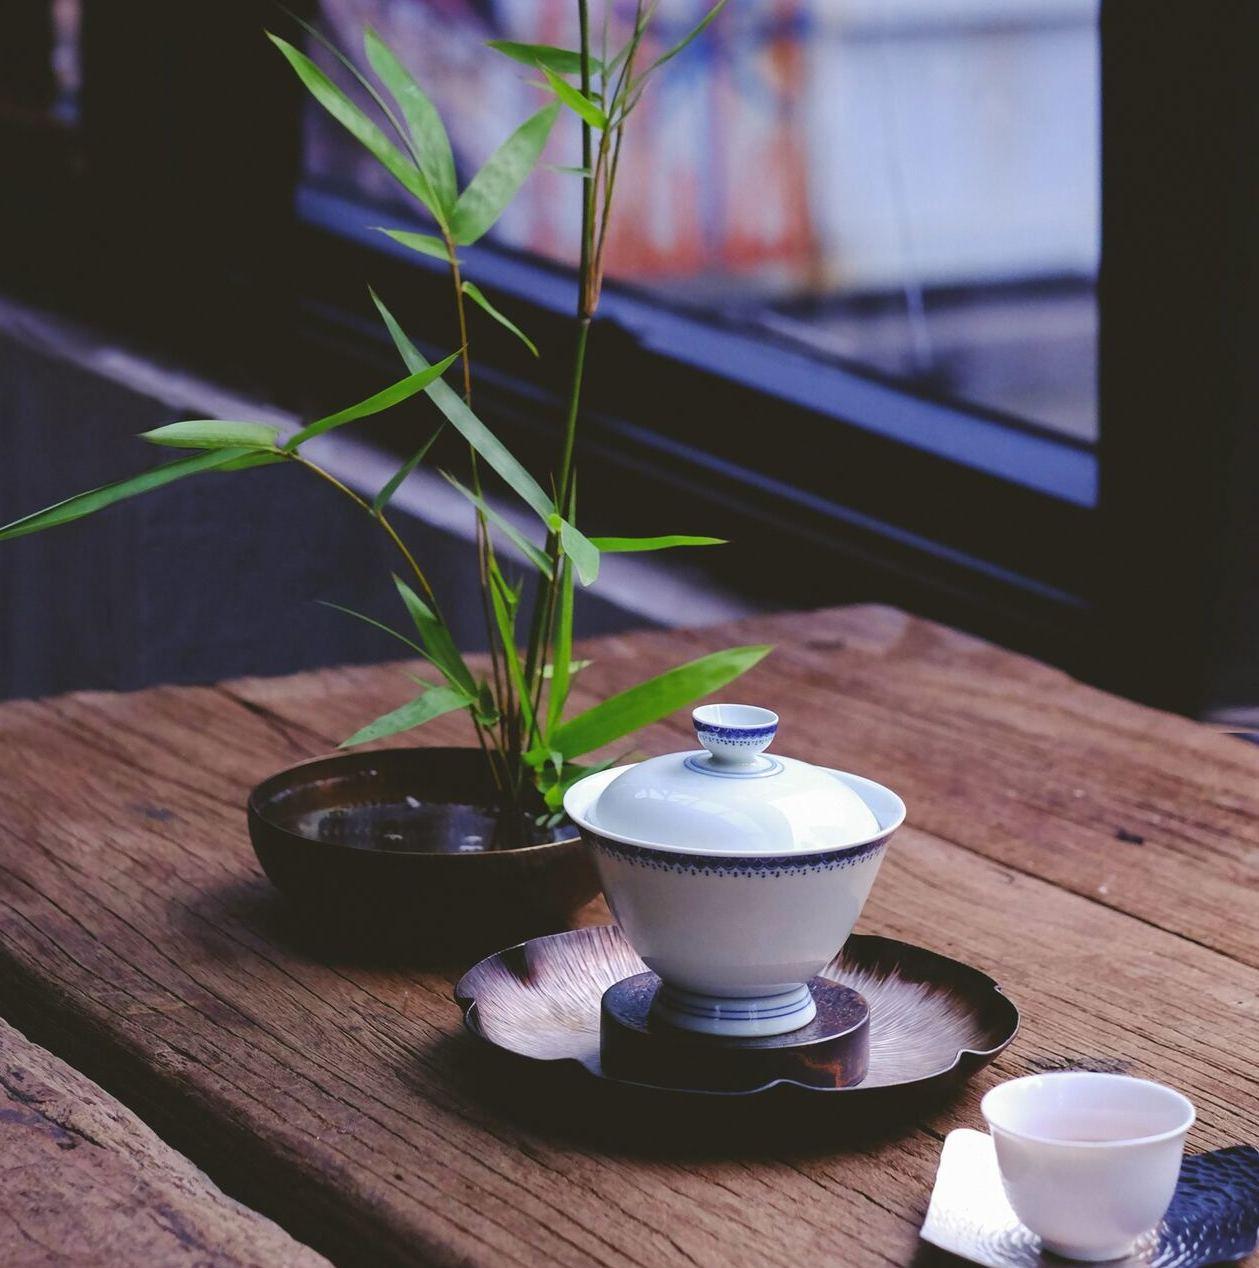 chinesische Teetasse und Bambus